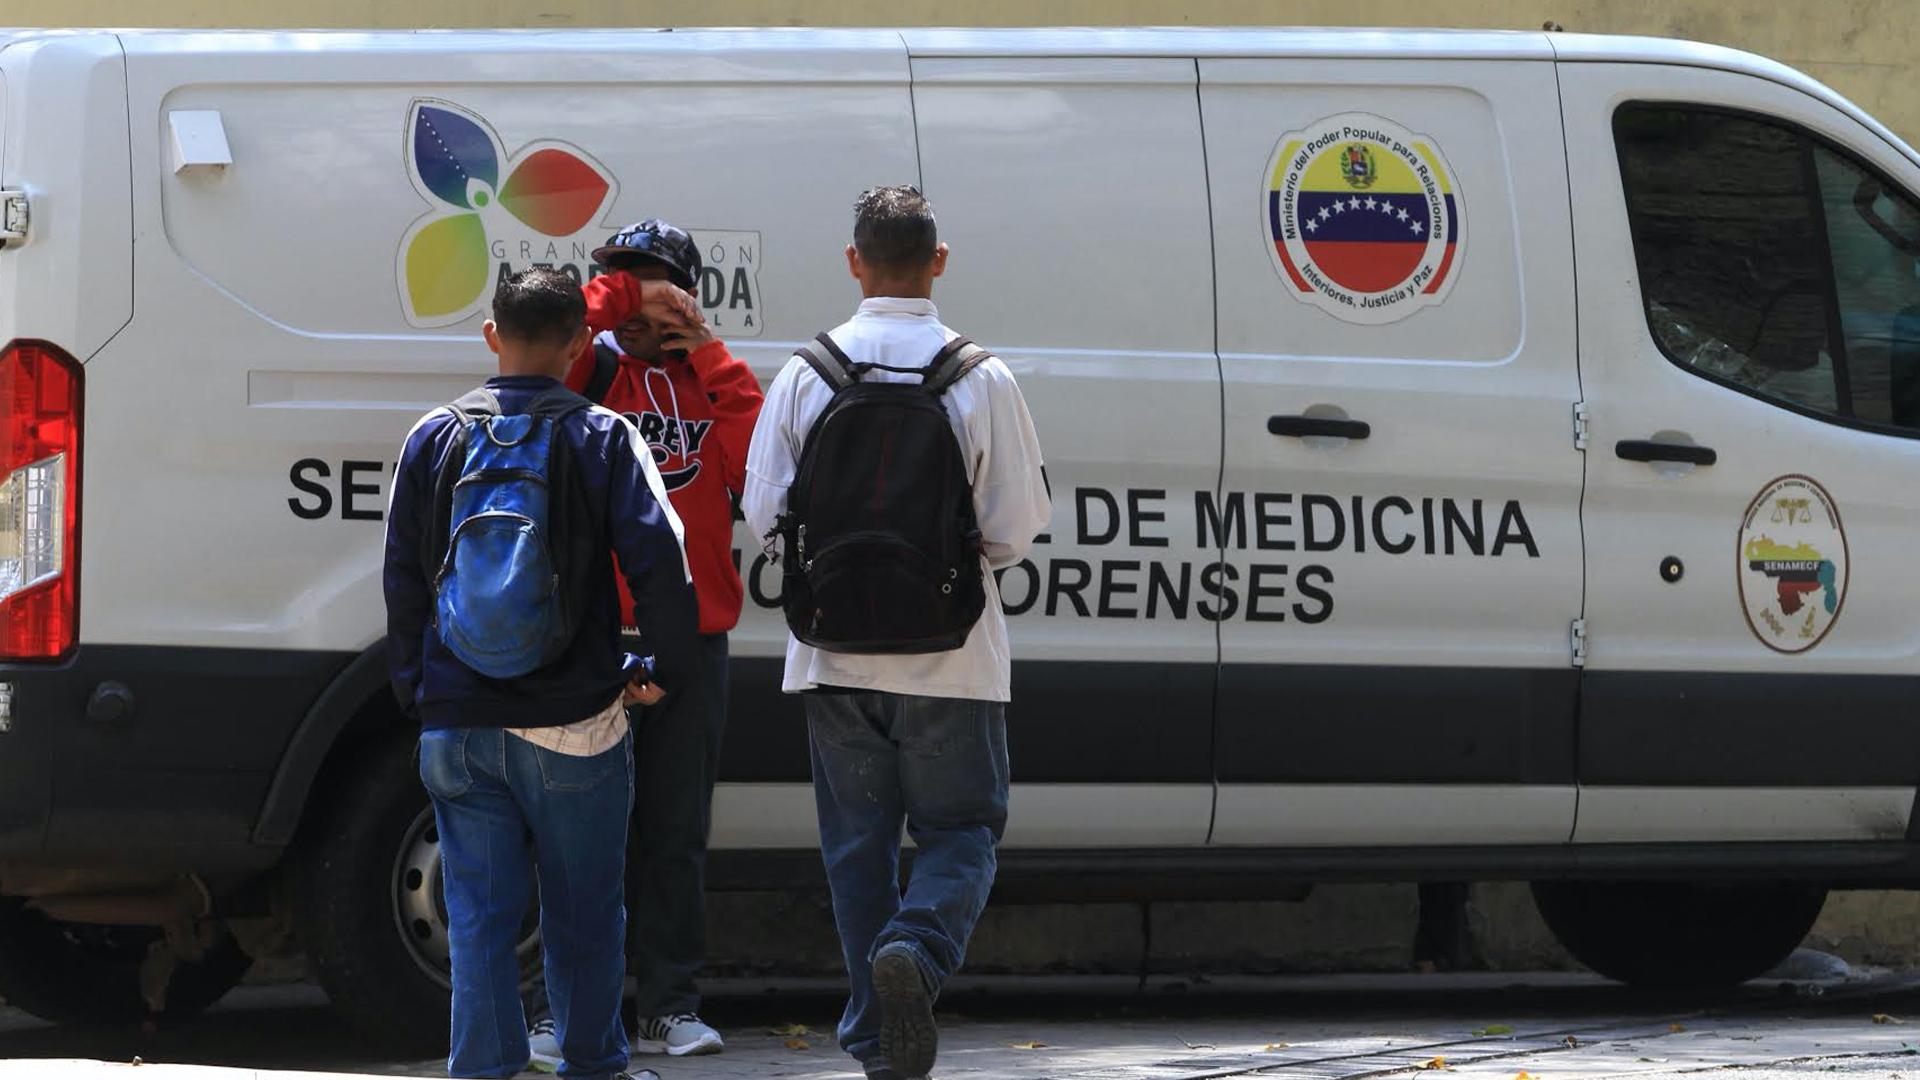 #MonitorDeVictimas | Mototaxista fue asesinado en Las Mayas luego de recibir una llamada anónima